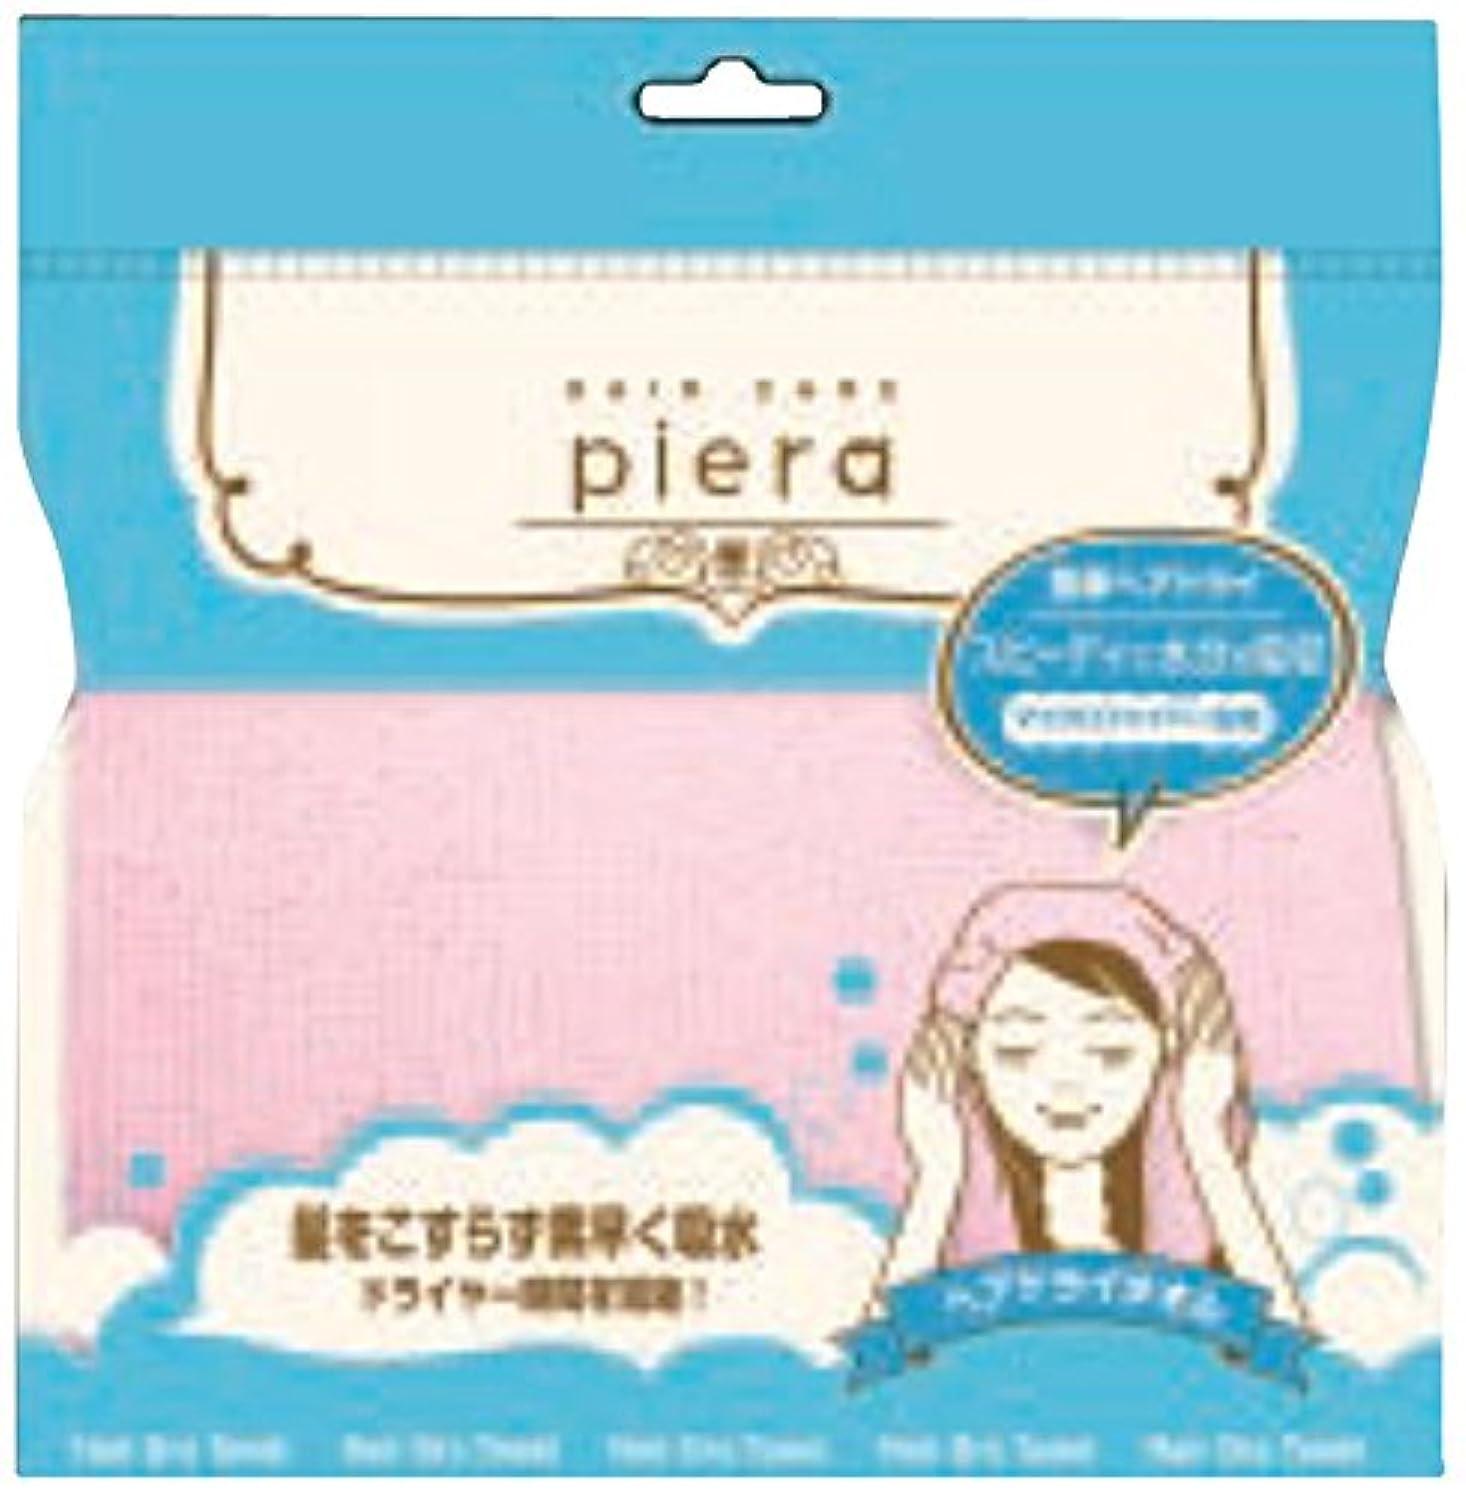 パーチナシティあいにく失われたpiera(ピエラ) ヘアドライタオル (PIE701E)